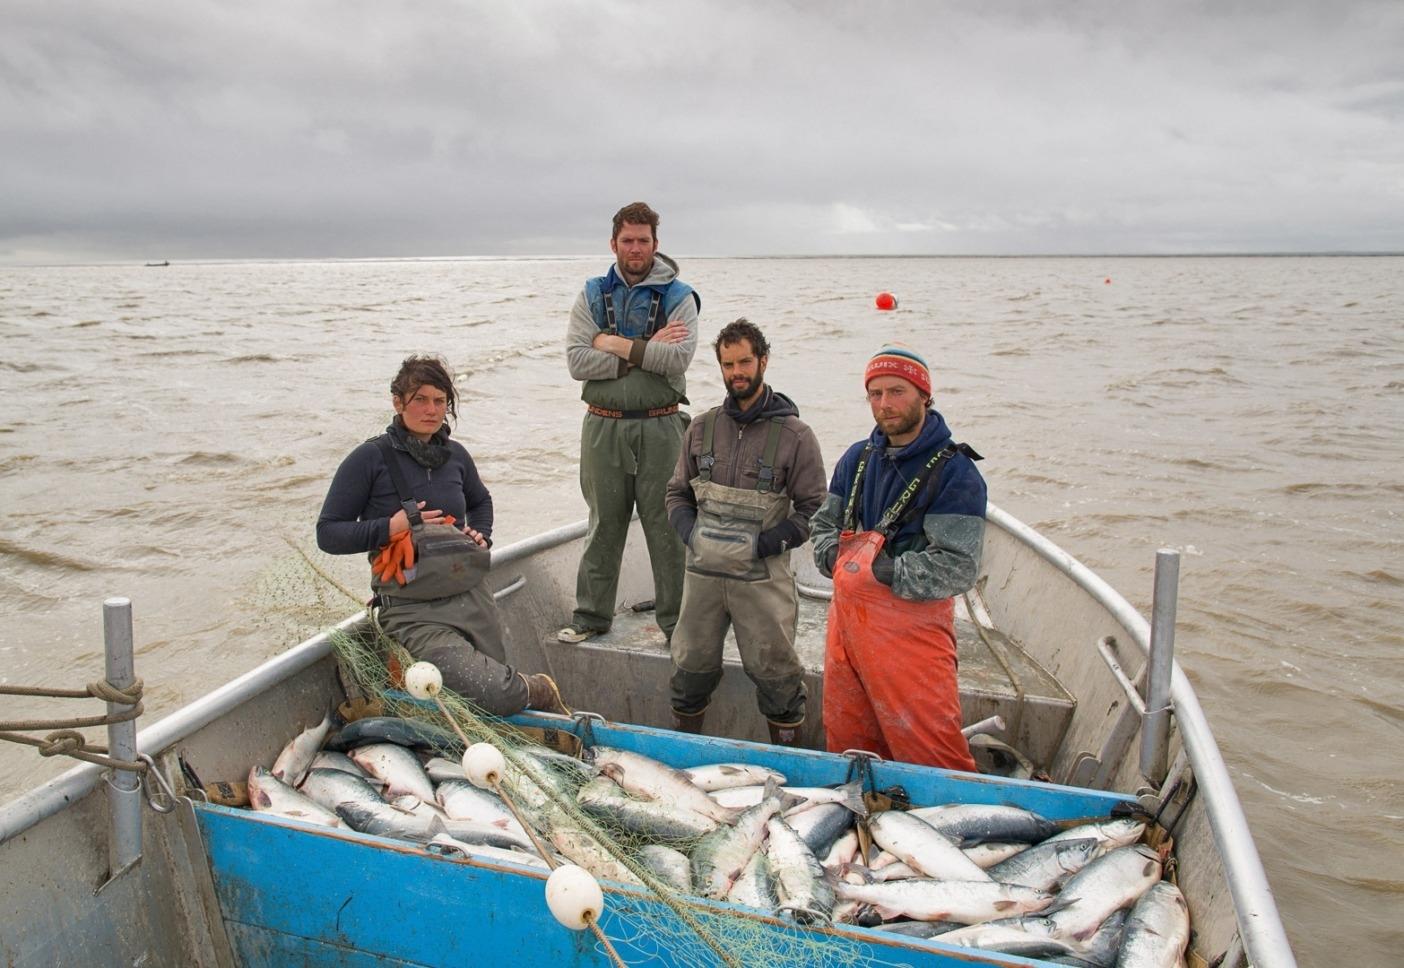 配達準備の整った1日の収穫のごく一部。アラスカ州ブリストル湾のクビチャック川。(左から右):ビリー・ディレーニー、著者ティム・ソン、シャヤン・ロハニとコーリー・アーノルド。Photo: Corey Arnold